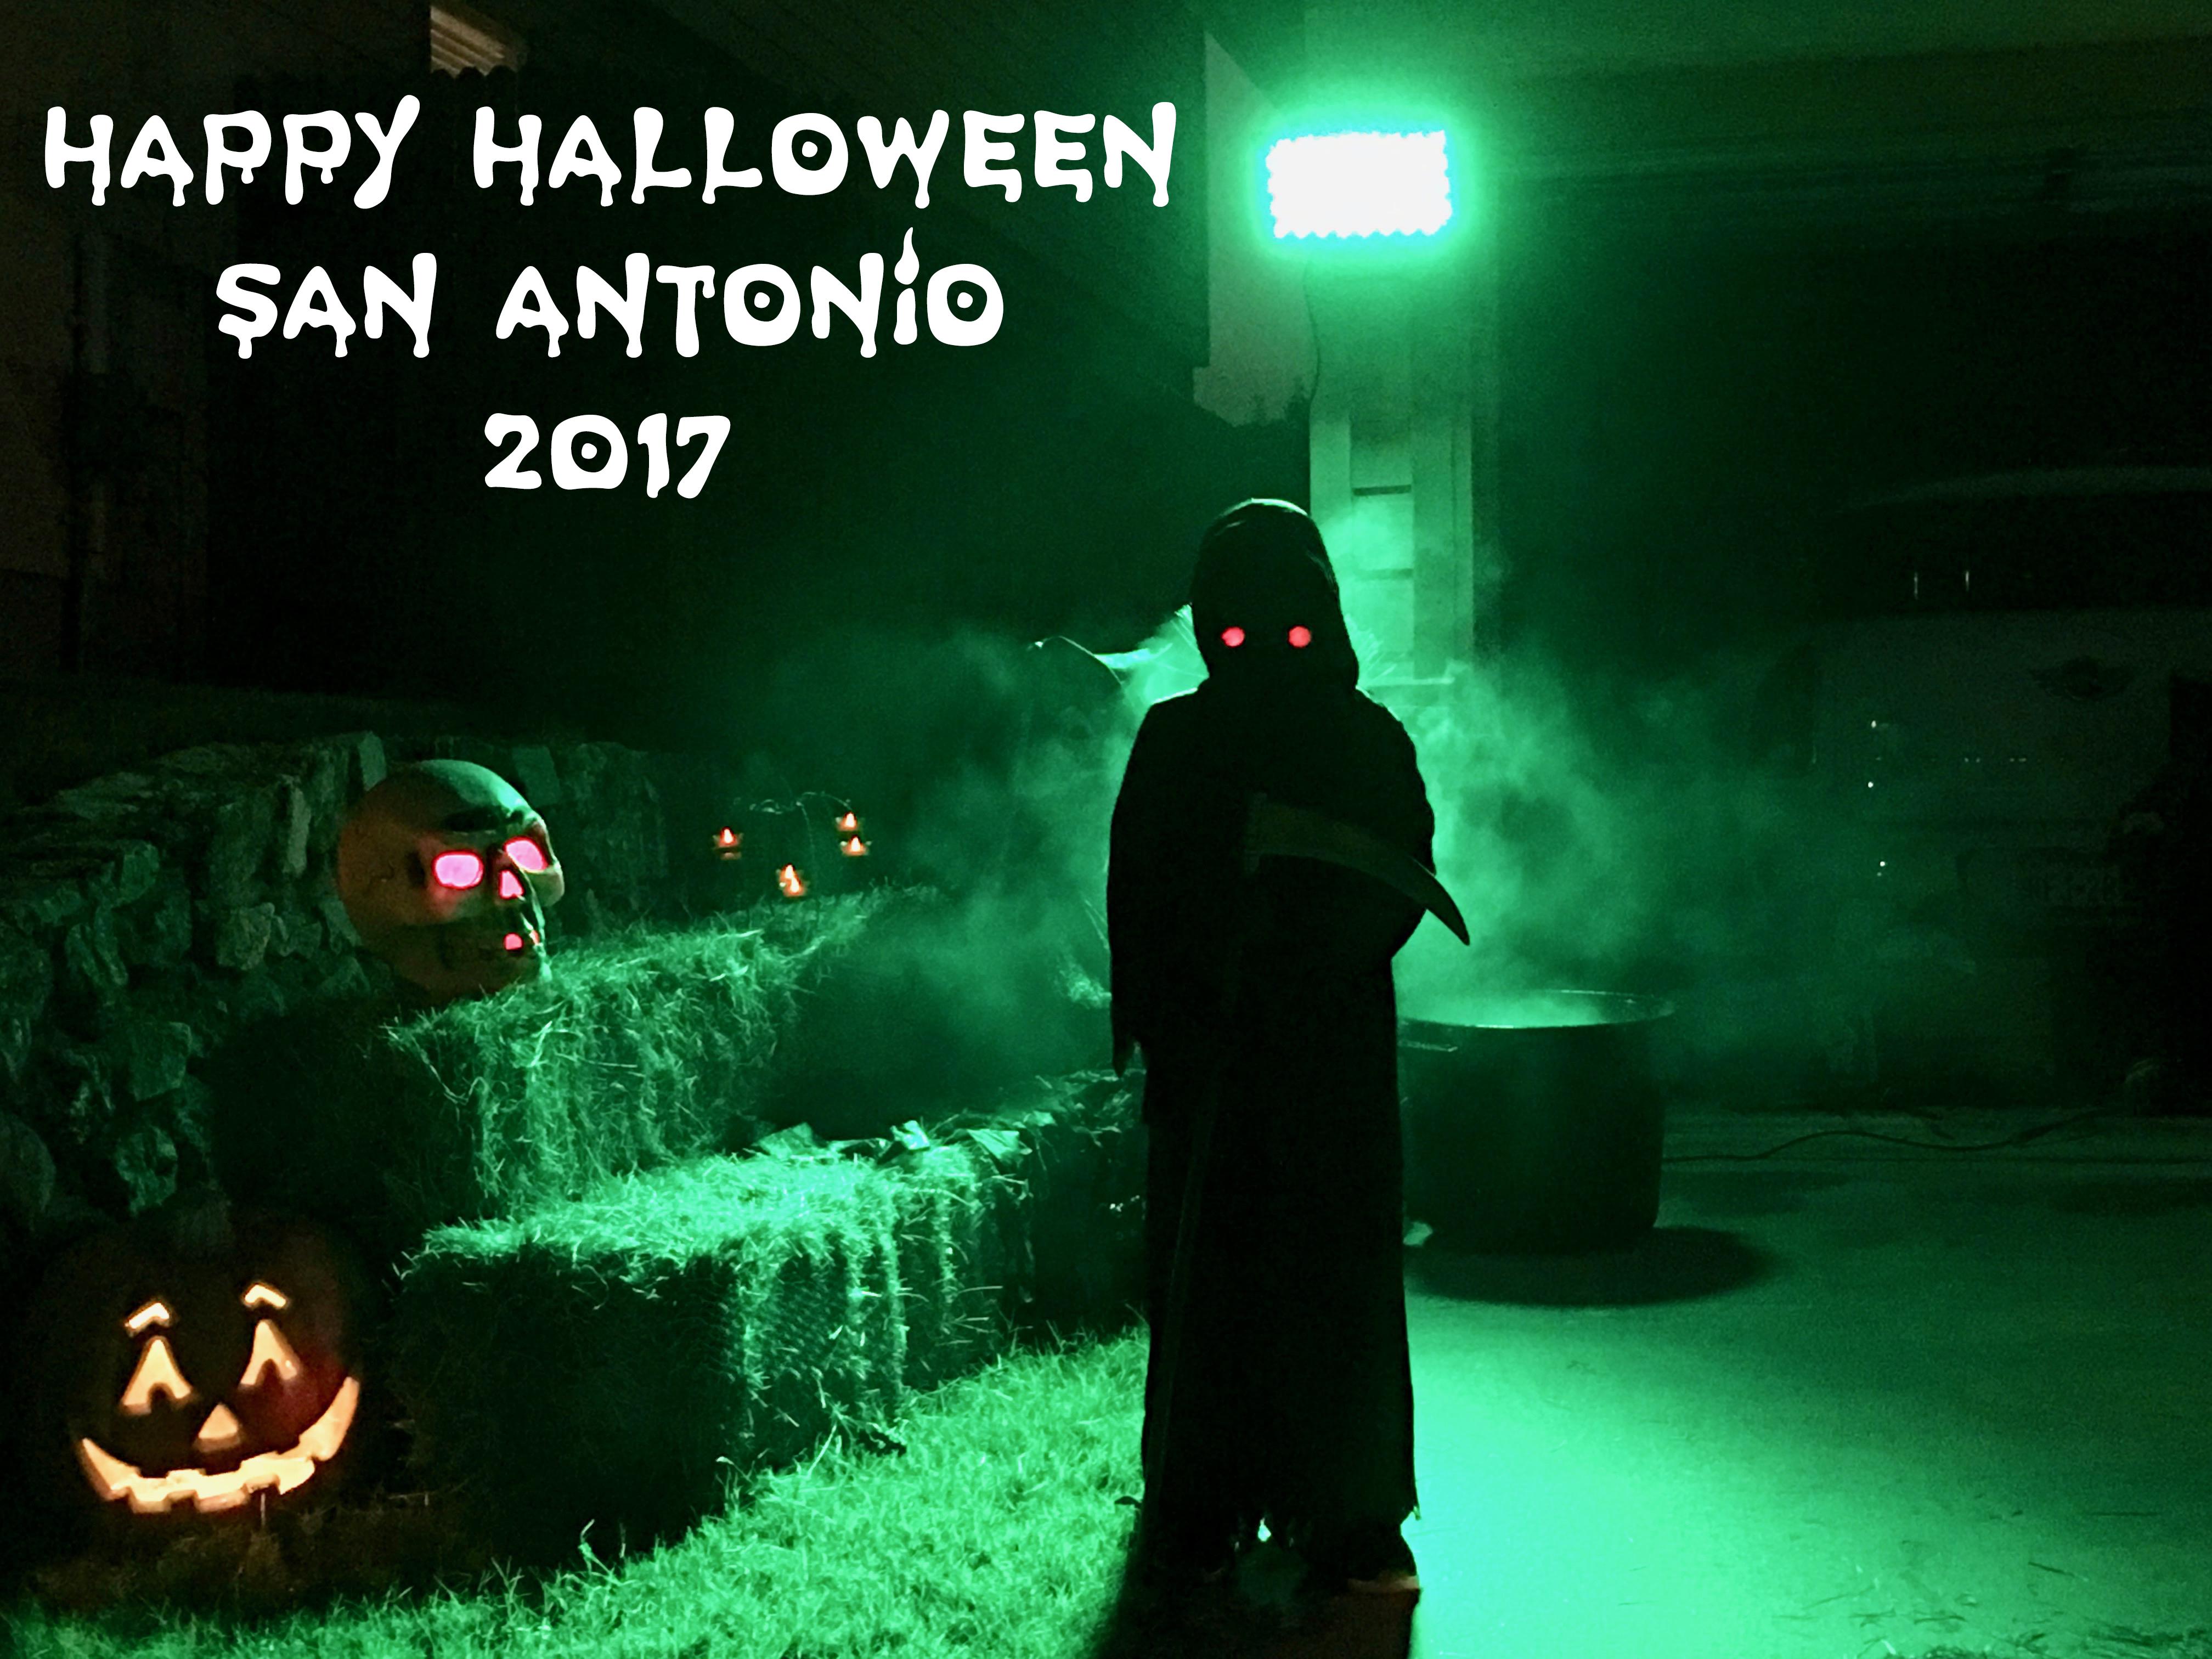 Happy Halloween San Antonio 2017